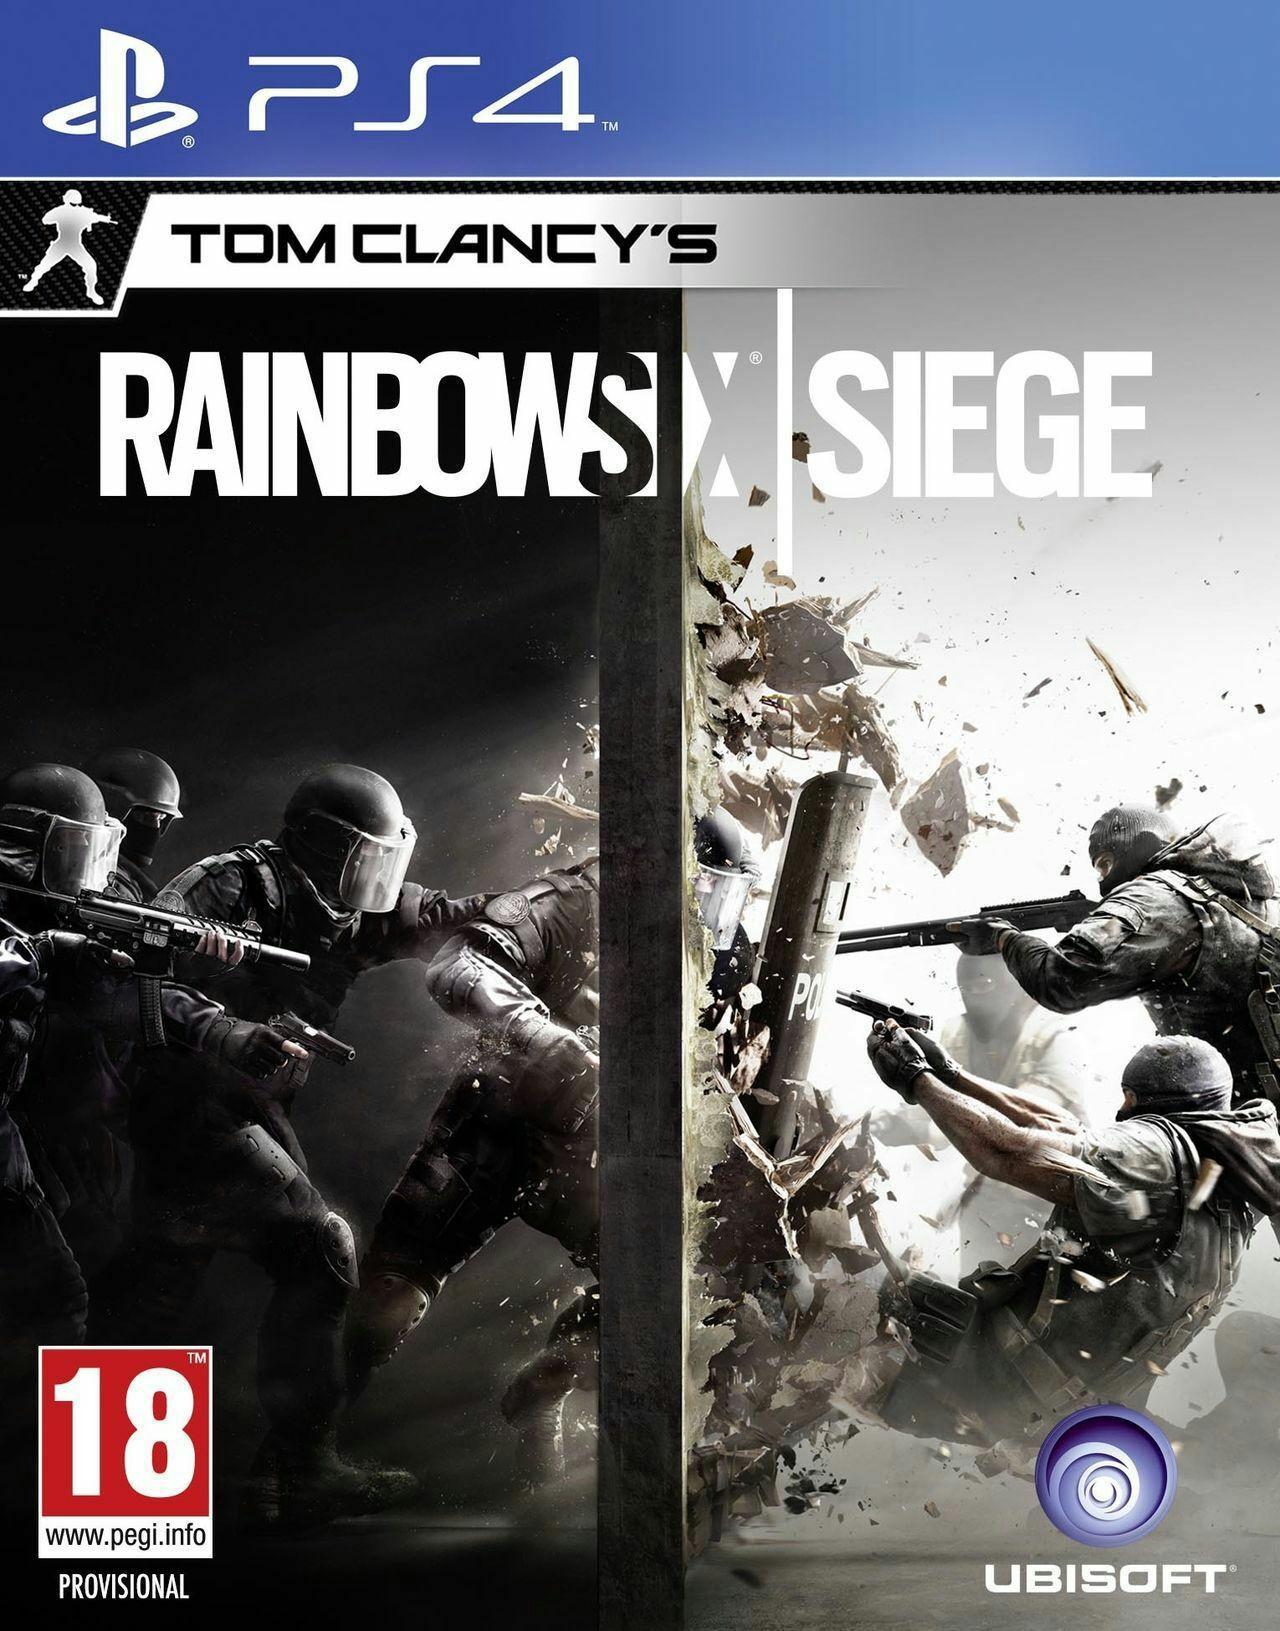 Tom Clancy's Rainbow Six Siege sur PS4 (VO) et Xbox One (VF)